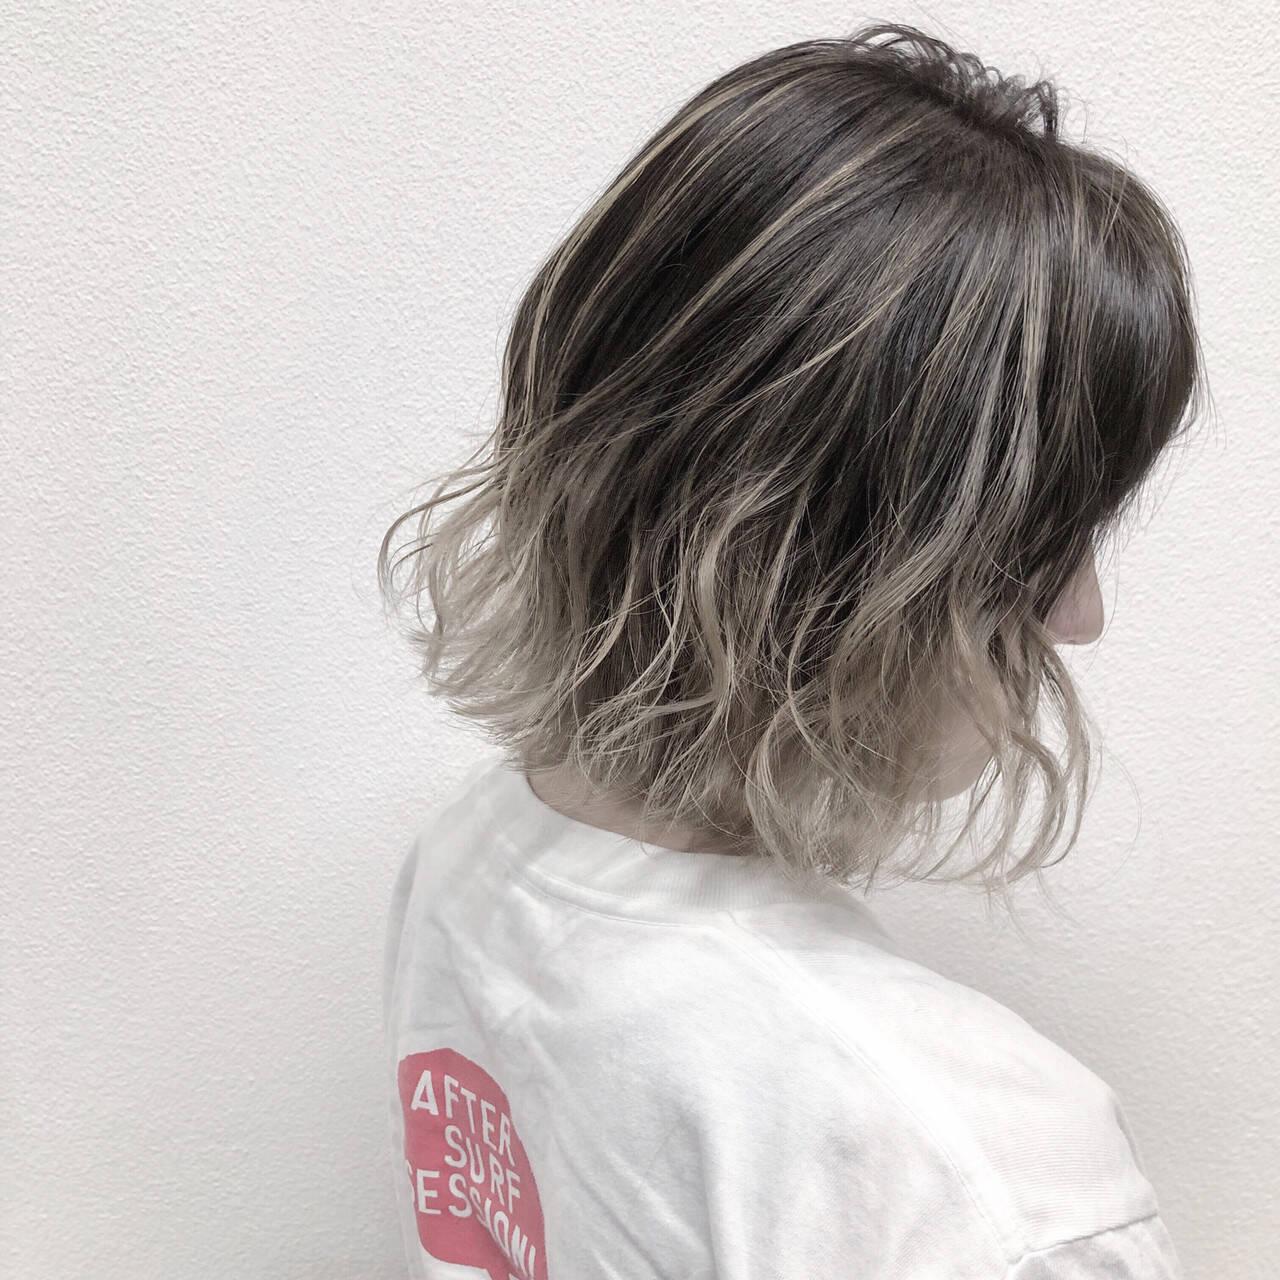 バレイヤージュ ハイライト 透明感 ストリートヘアスタイルや髪型の写真・画像